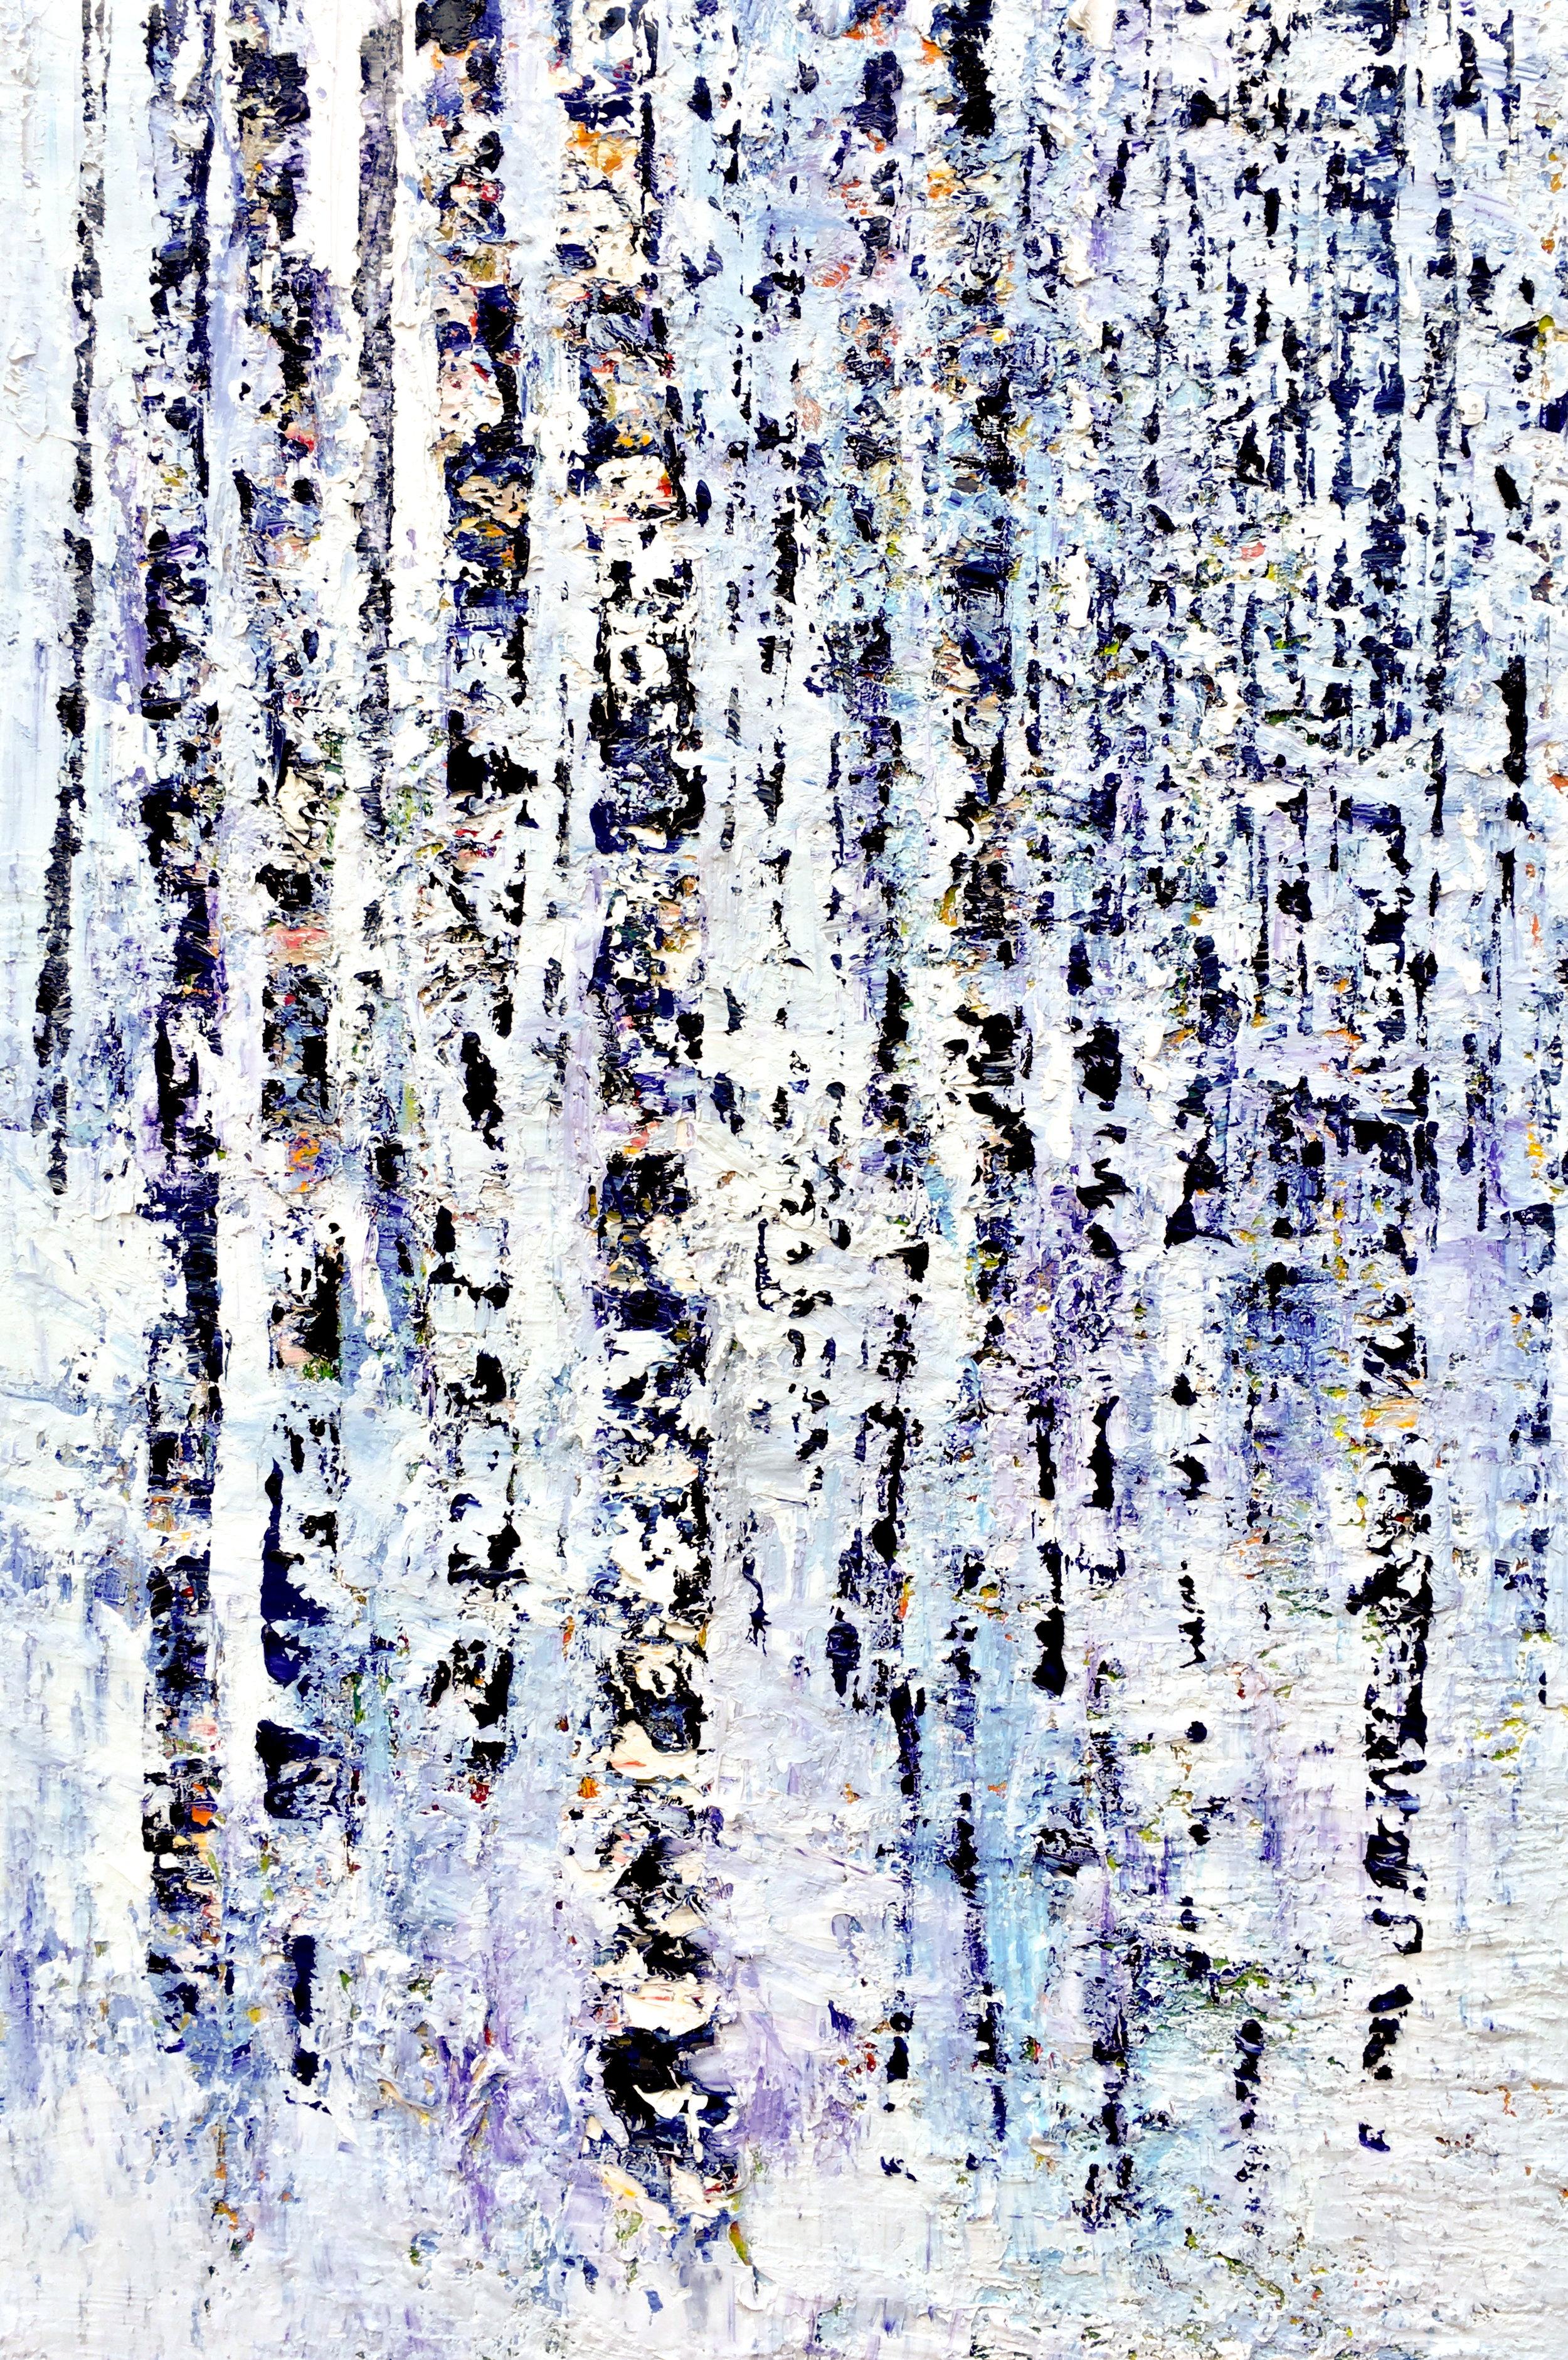 Winter Mountain , 2016 Julia S. Powell  Oil on linen  36 x 24 in.  $4,500